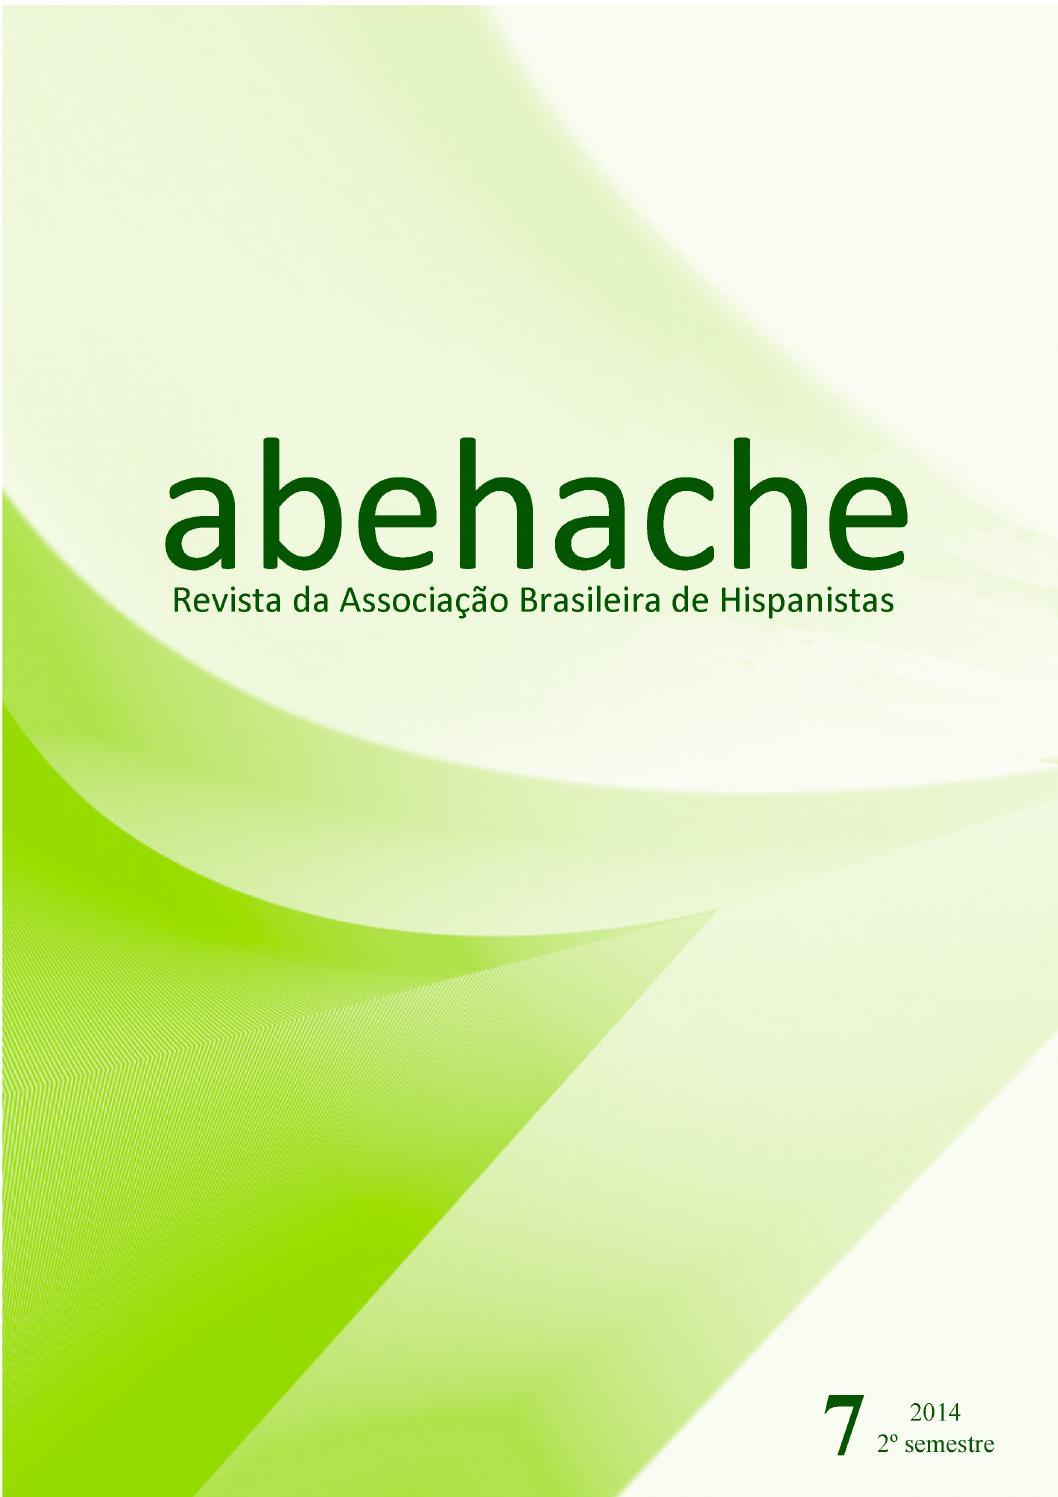 Abehache 7 completo by Associação Brasileira de Hispanistas - issuu